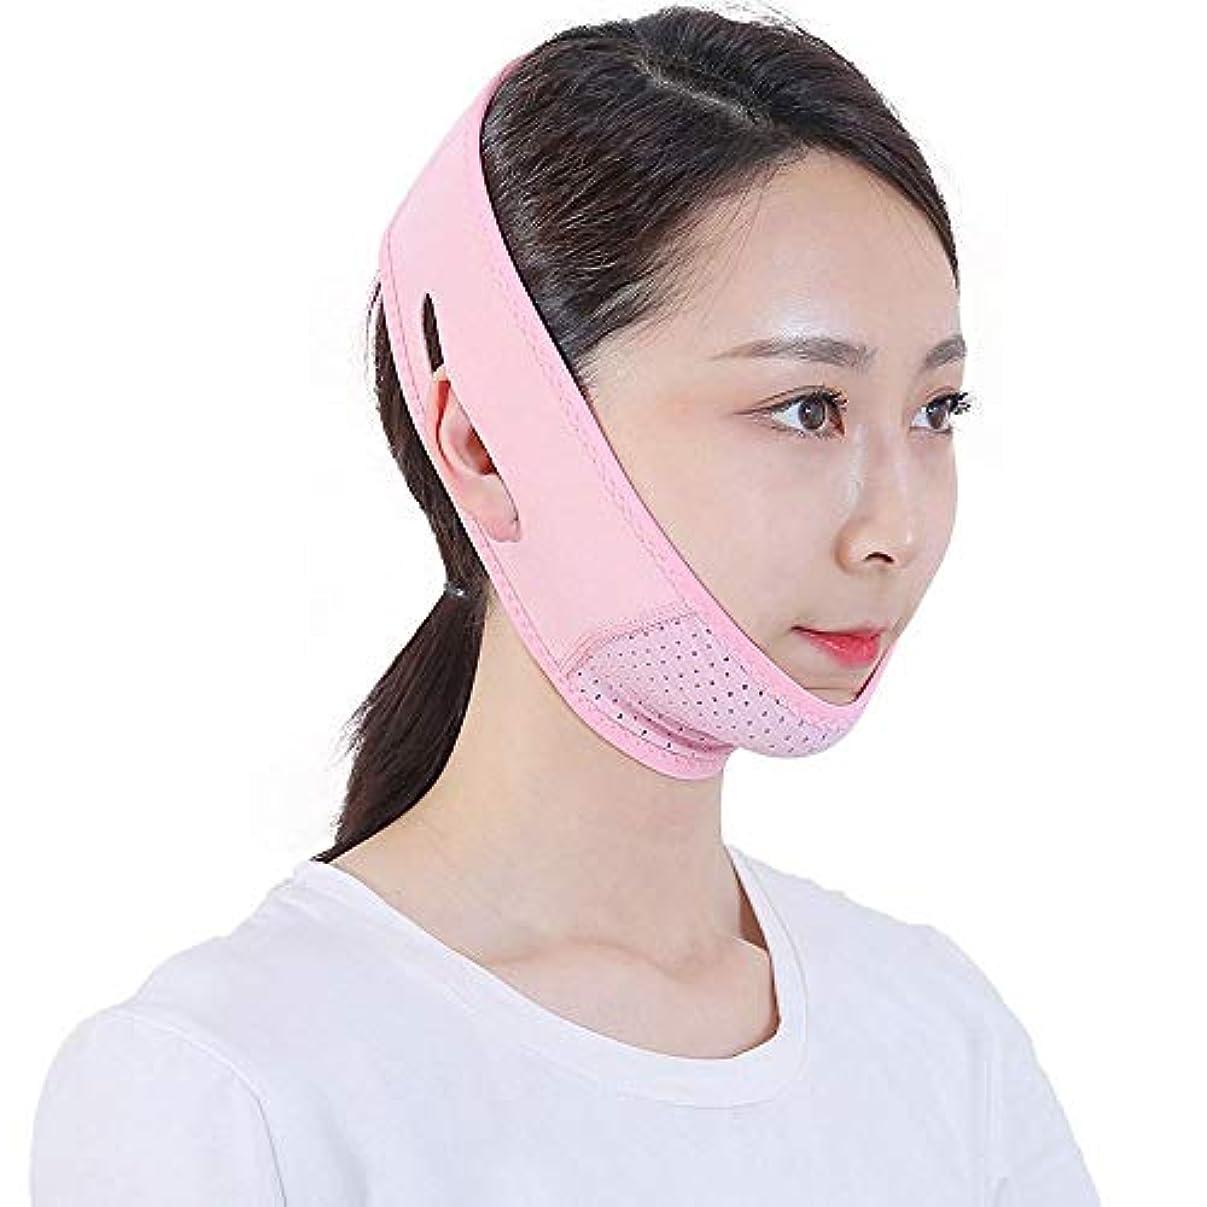 統治可能キャンディー領収書HEMFV 顔のリフティングスリミングベルト、Vラインチンチークリフトアップバンドの女性のための、二重あごケア減量Vフェイスアンチリンクル包帯補正ベルト - レッド通気性